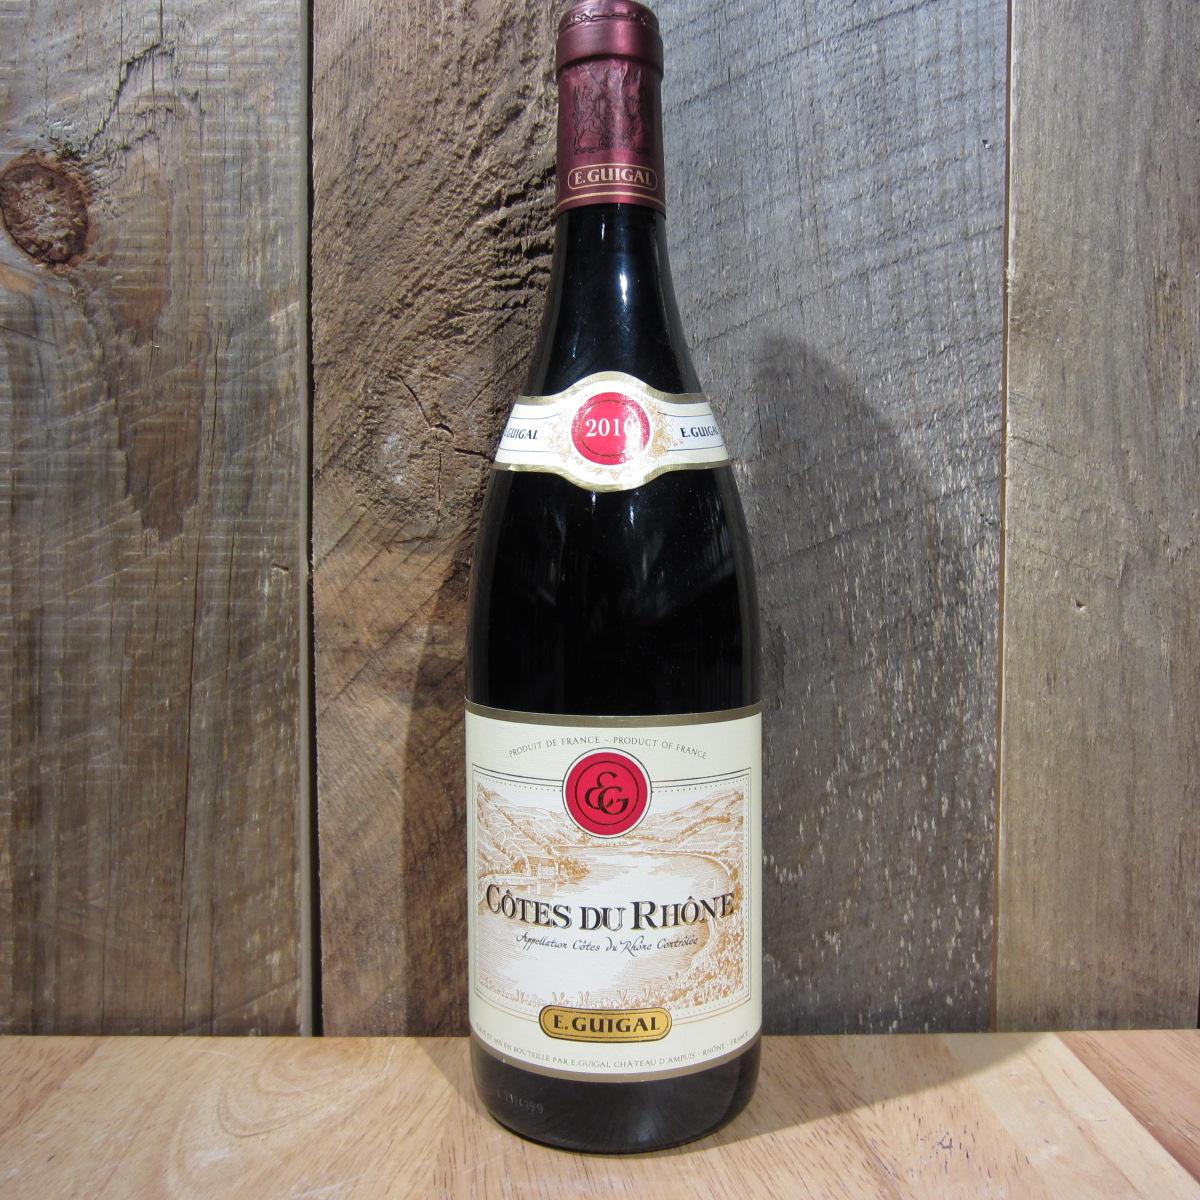 E. Guigal Cotes du Rhone Rouge 750ml